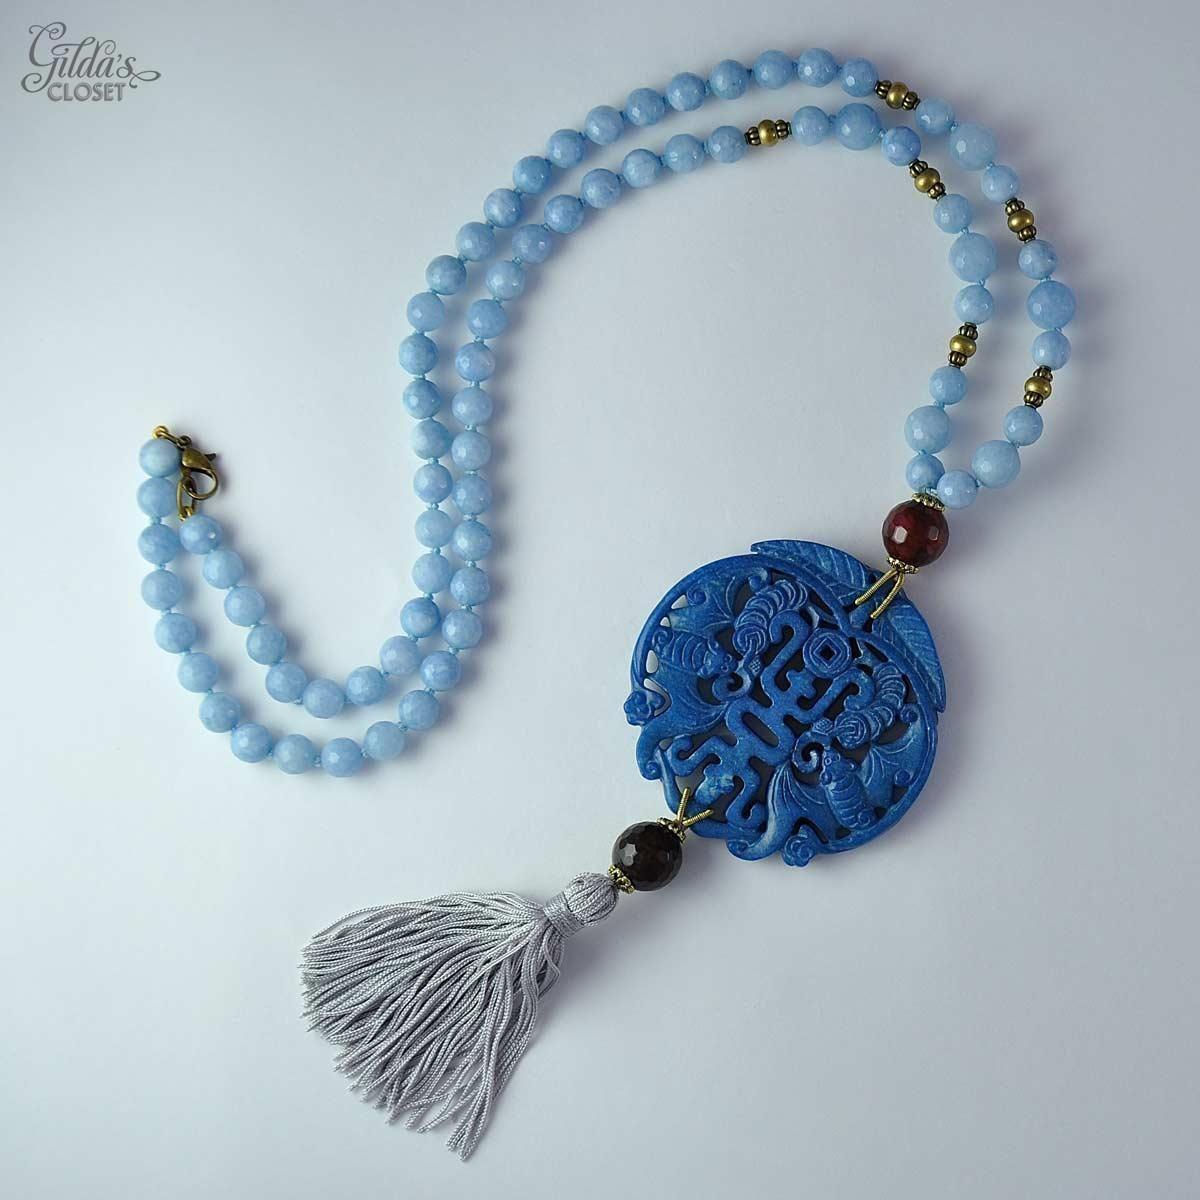 ab1a784a0560 Alta Bisutería. Collar largo diseñado por Carmen Alonso y realizado y  enfilado a mano. El tono del jade es azul y las piedras azules facetadas de  la cadena ...